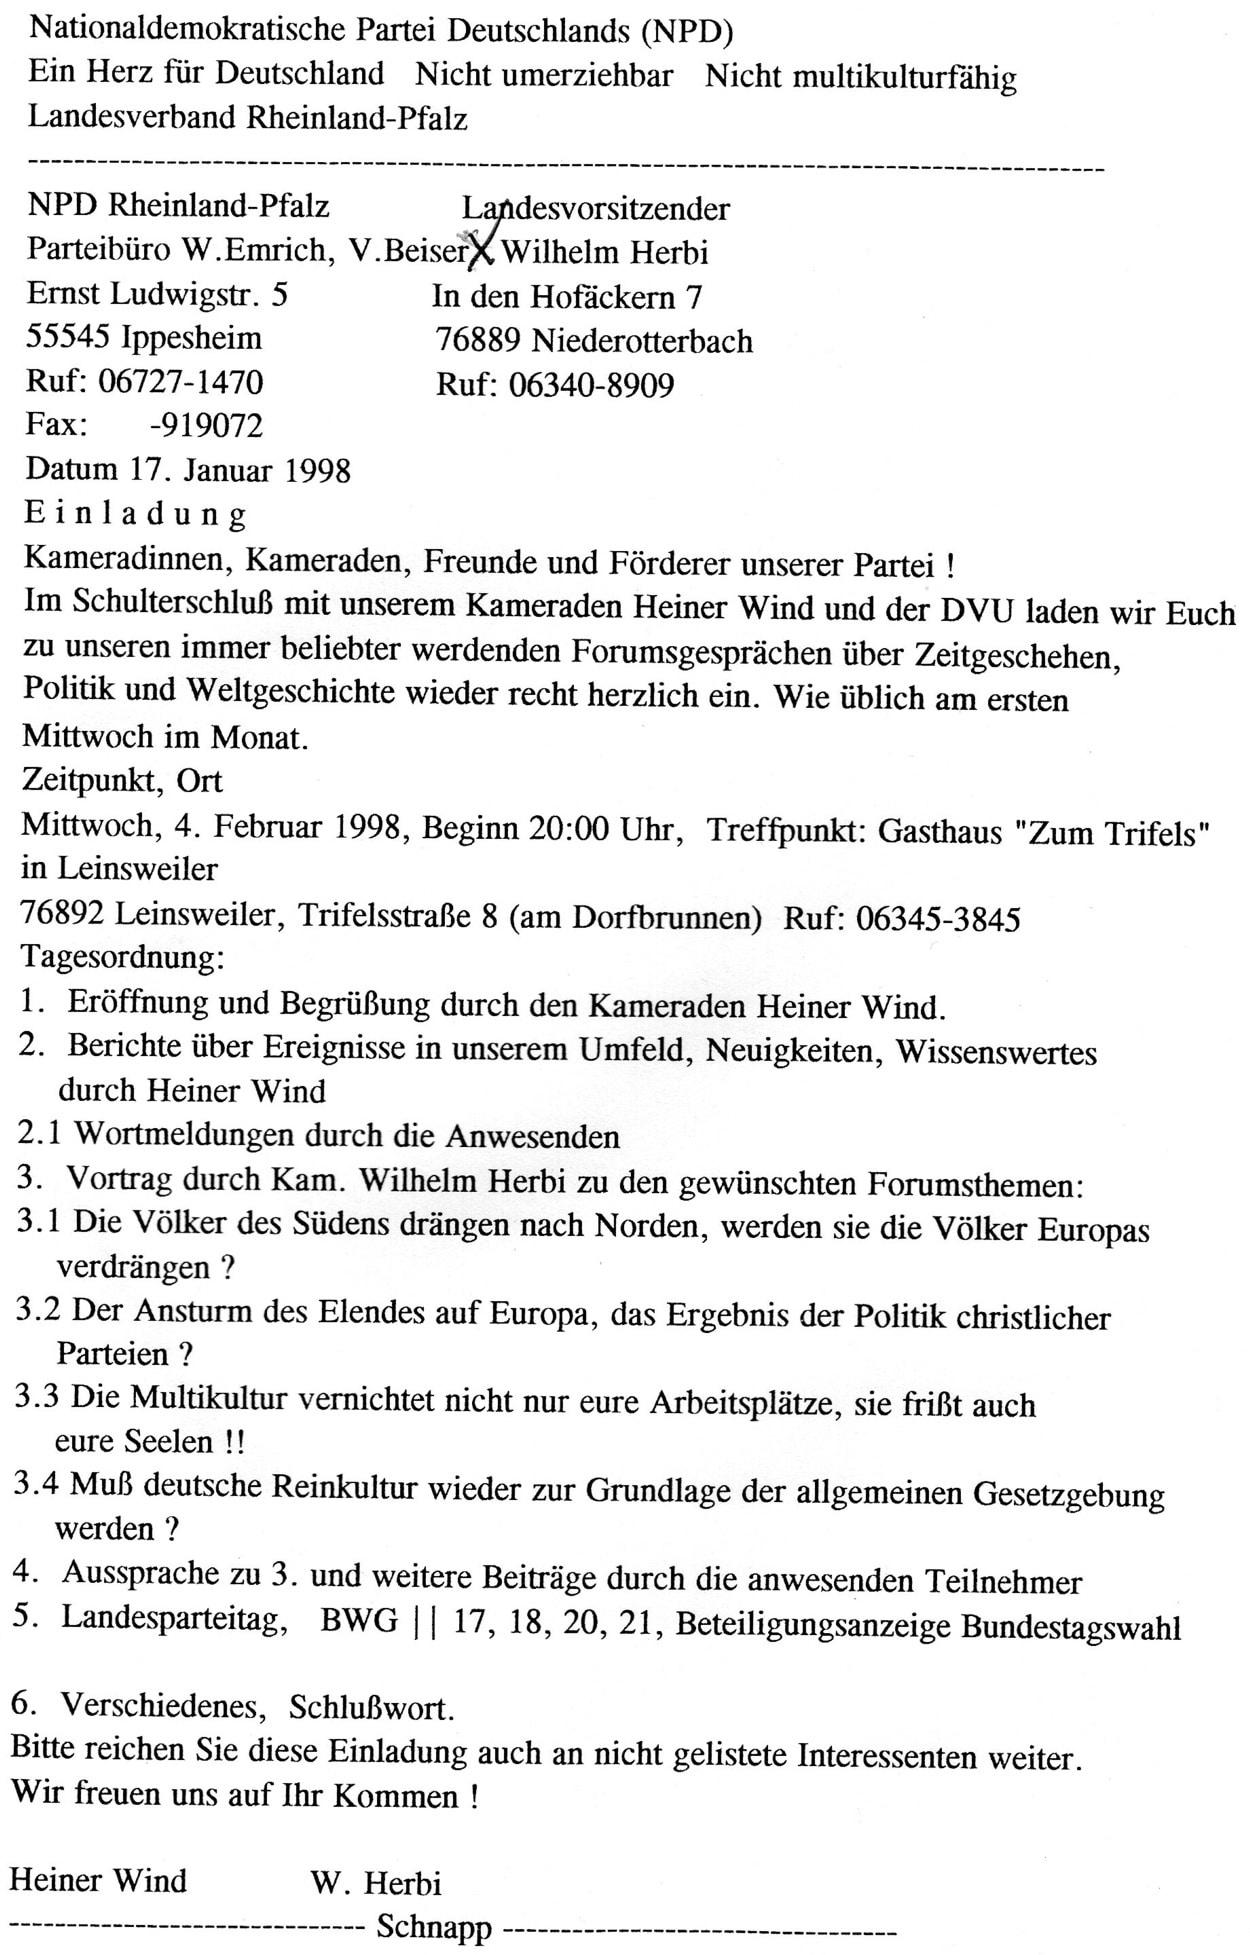 Eine Einladung zum NPD/DVU-Abend aus dem Jahr 1998. Quelle: Vereinigung der Verfolgten des Naziregimes - Bund der Antifaschistinnen und Antifaschisten (VVN-BdA)